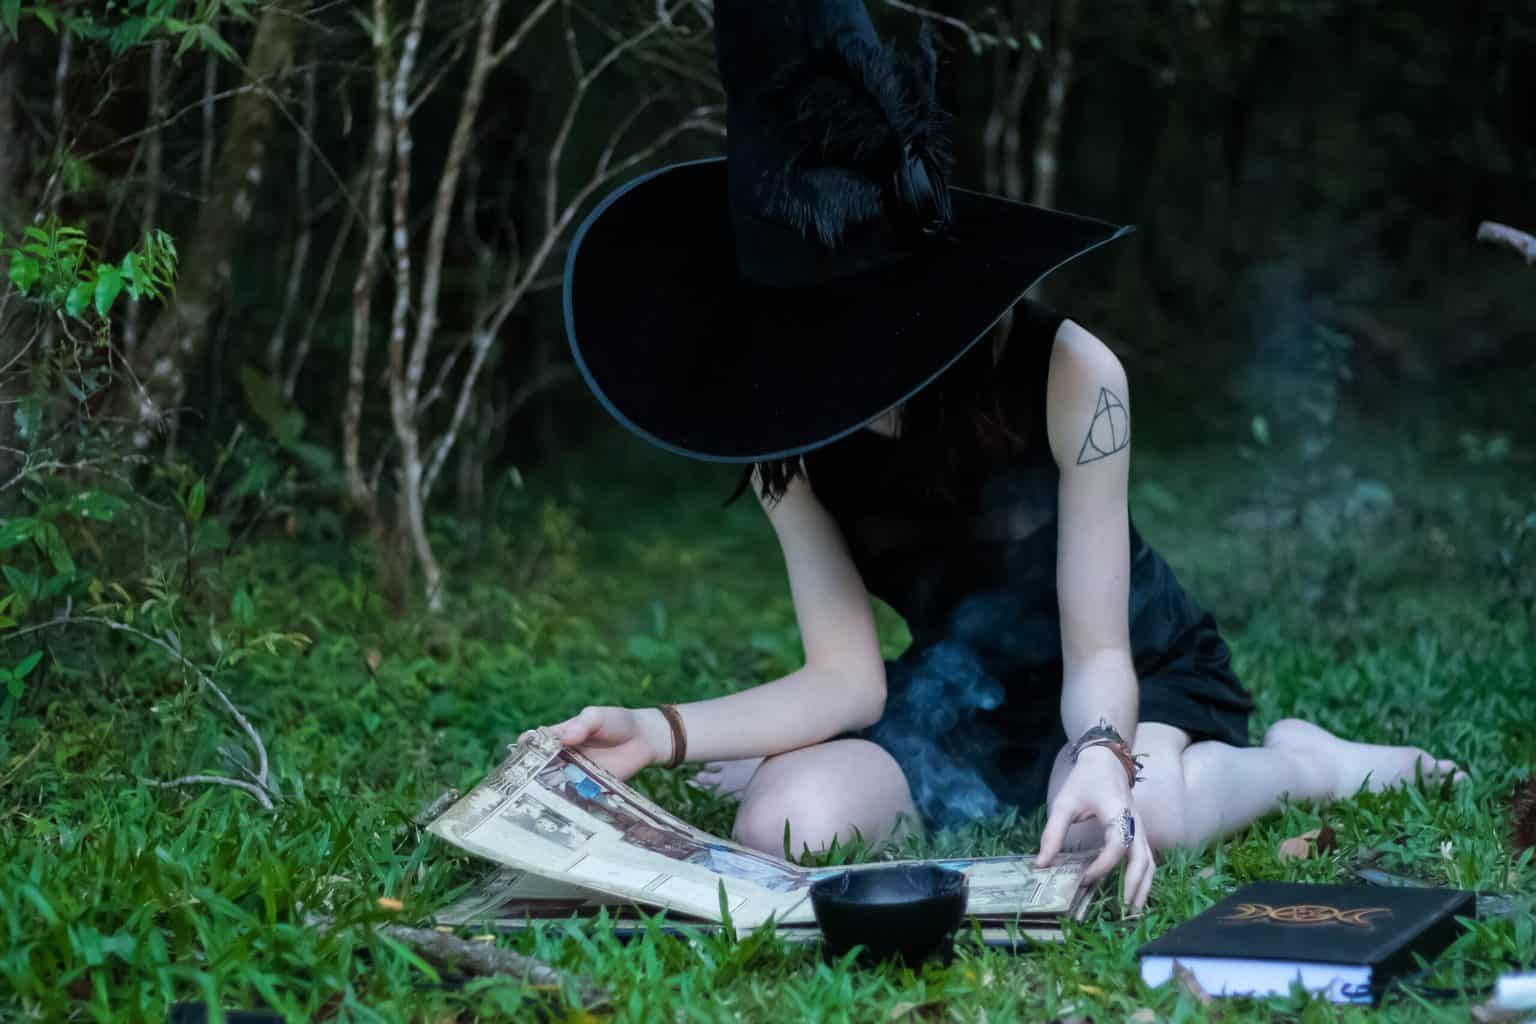 Consejos para brujas novatas, iniciando el camino mágico